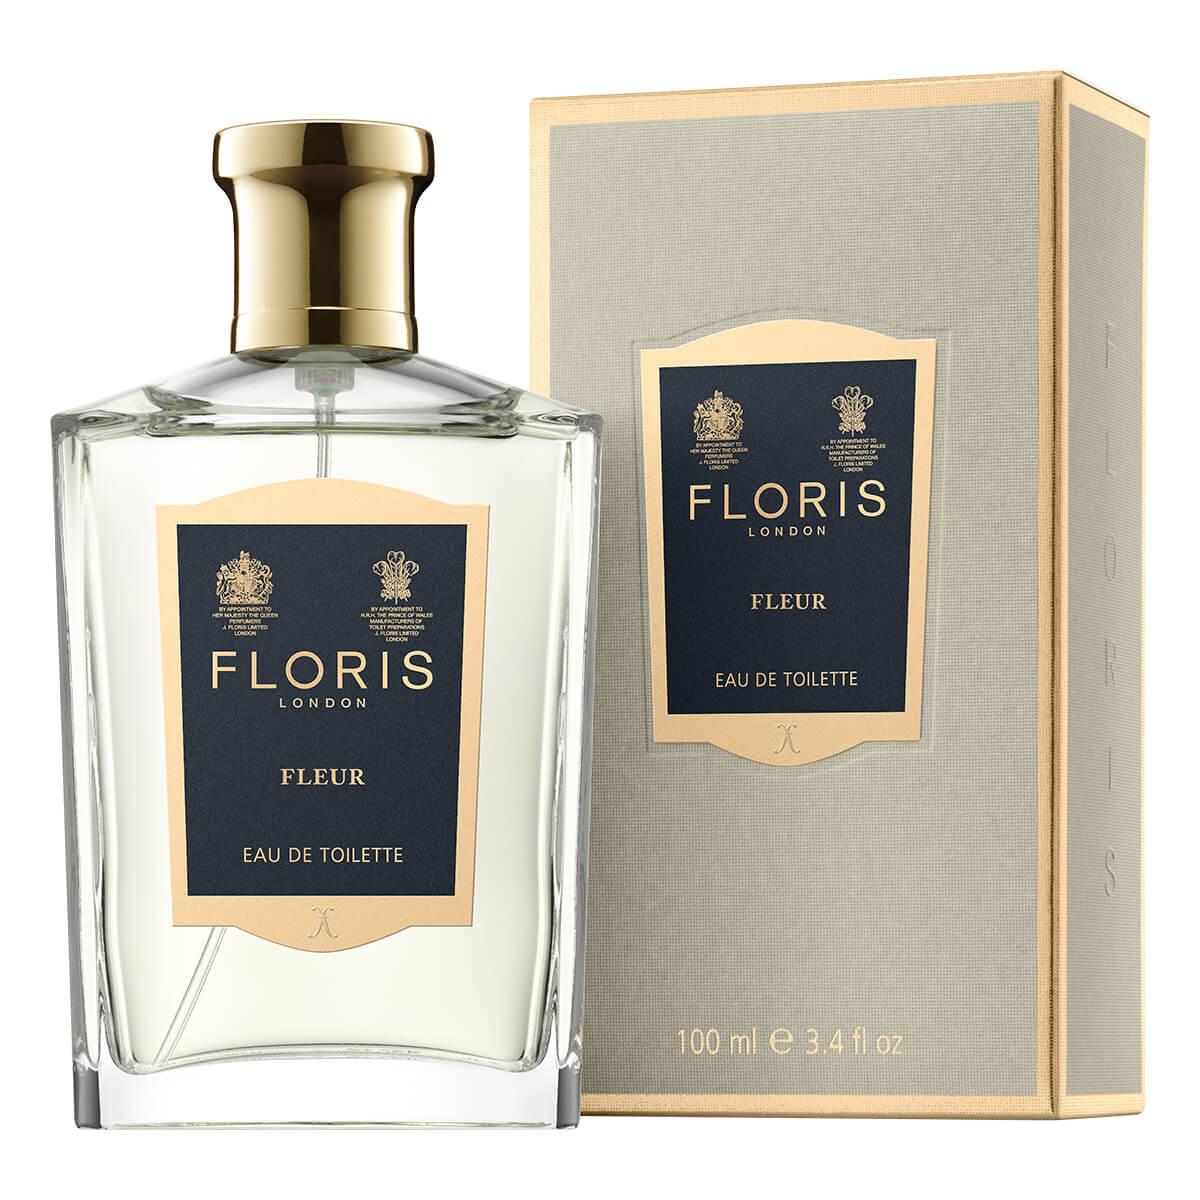 Floris Fleur, Eau de Toilette, 100 ml.